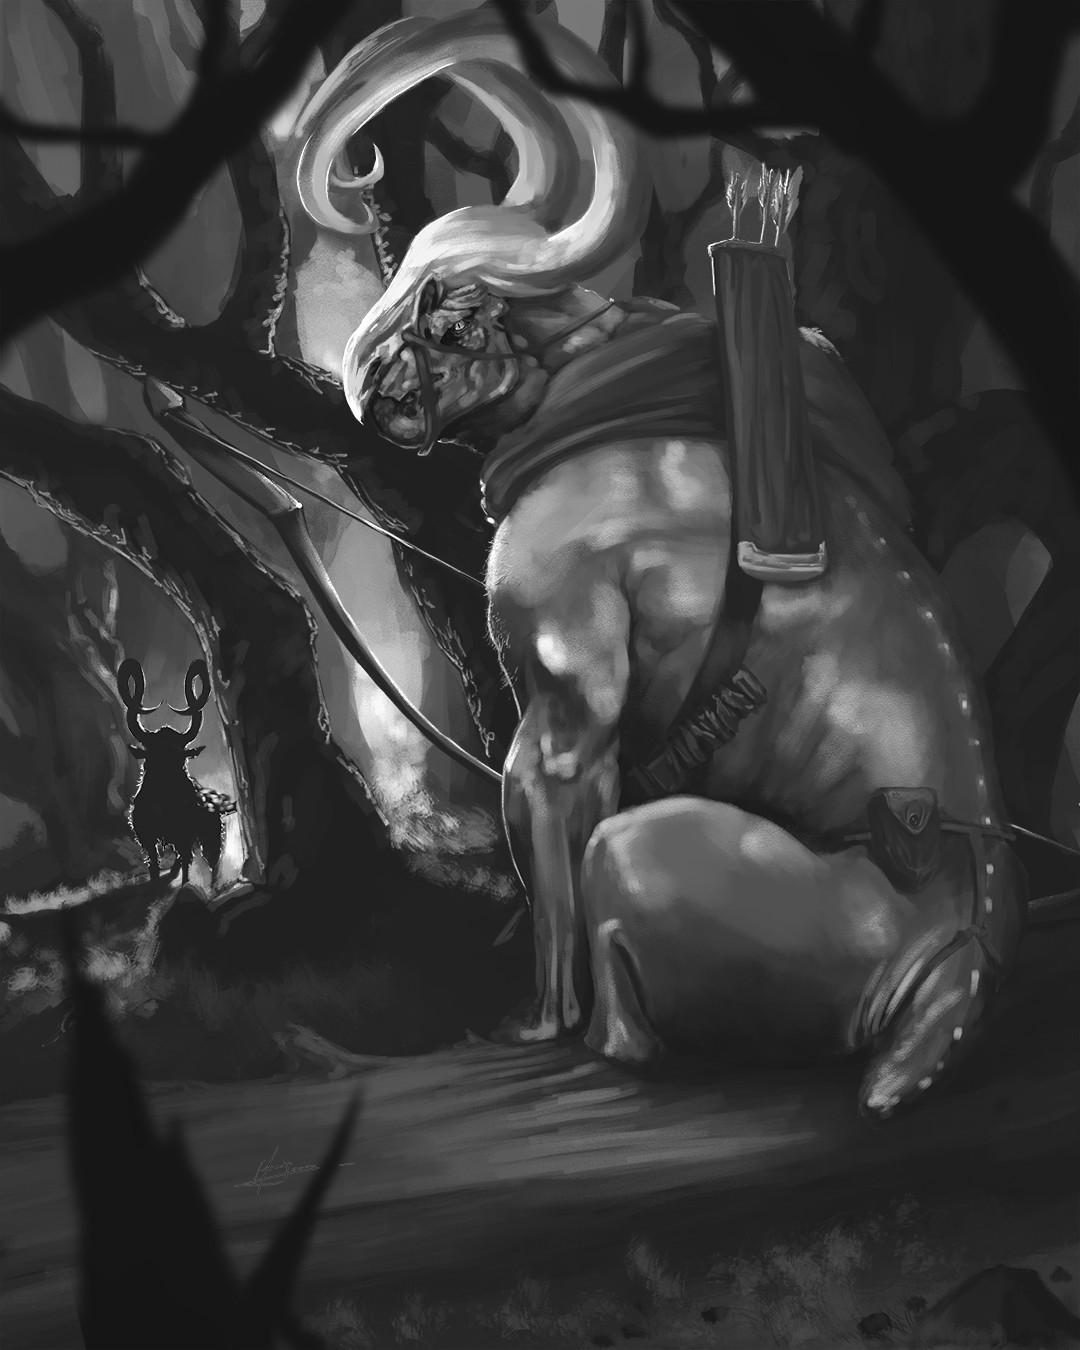 Efrain sosa criatura en el bosque